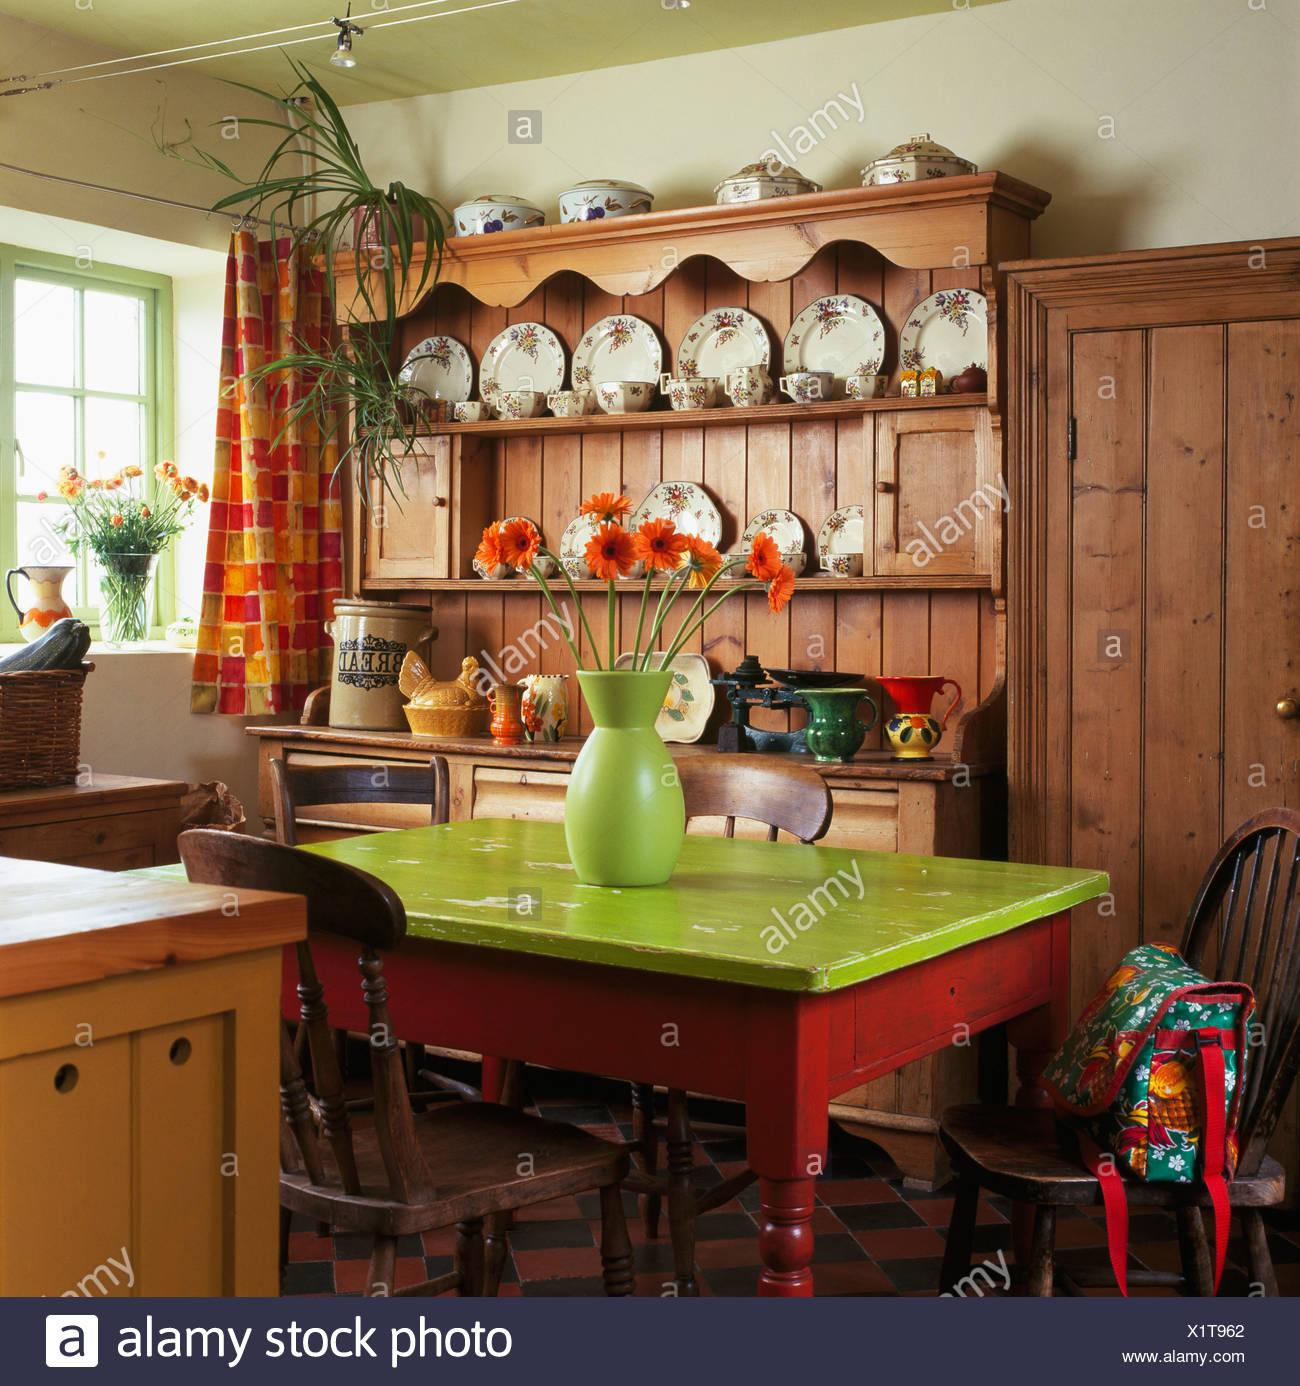 Full Size of Tisch Mit Lime Grn Lackierten Tischplatte Im Cottage Kche Einbauküche Nobilia Bad Kommode Weiß Hochglanz Lüftung Küche L Kochinsel Industrie Vollholzküche Wohnzimmer Kommode Küche